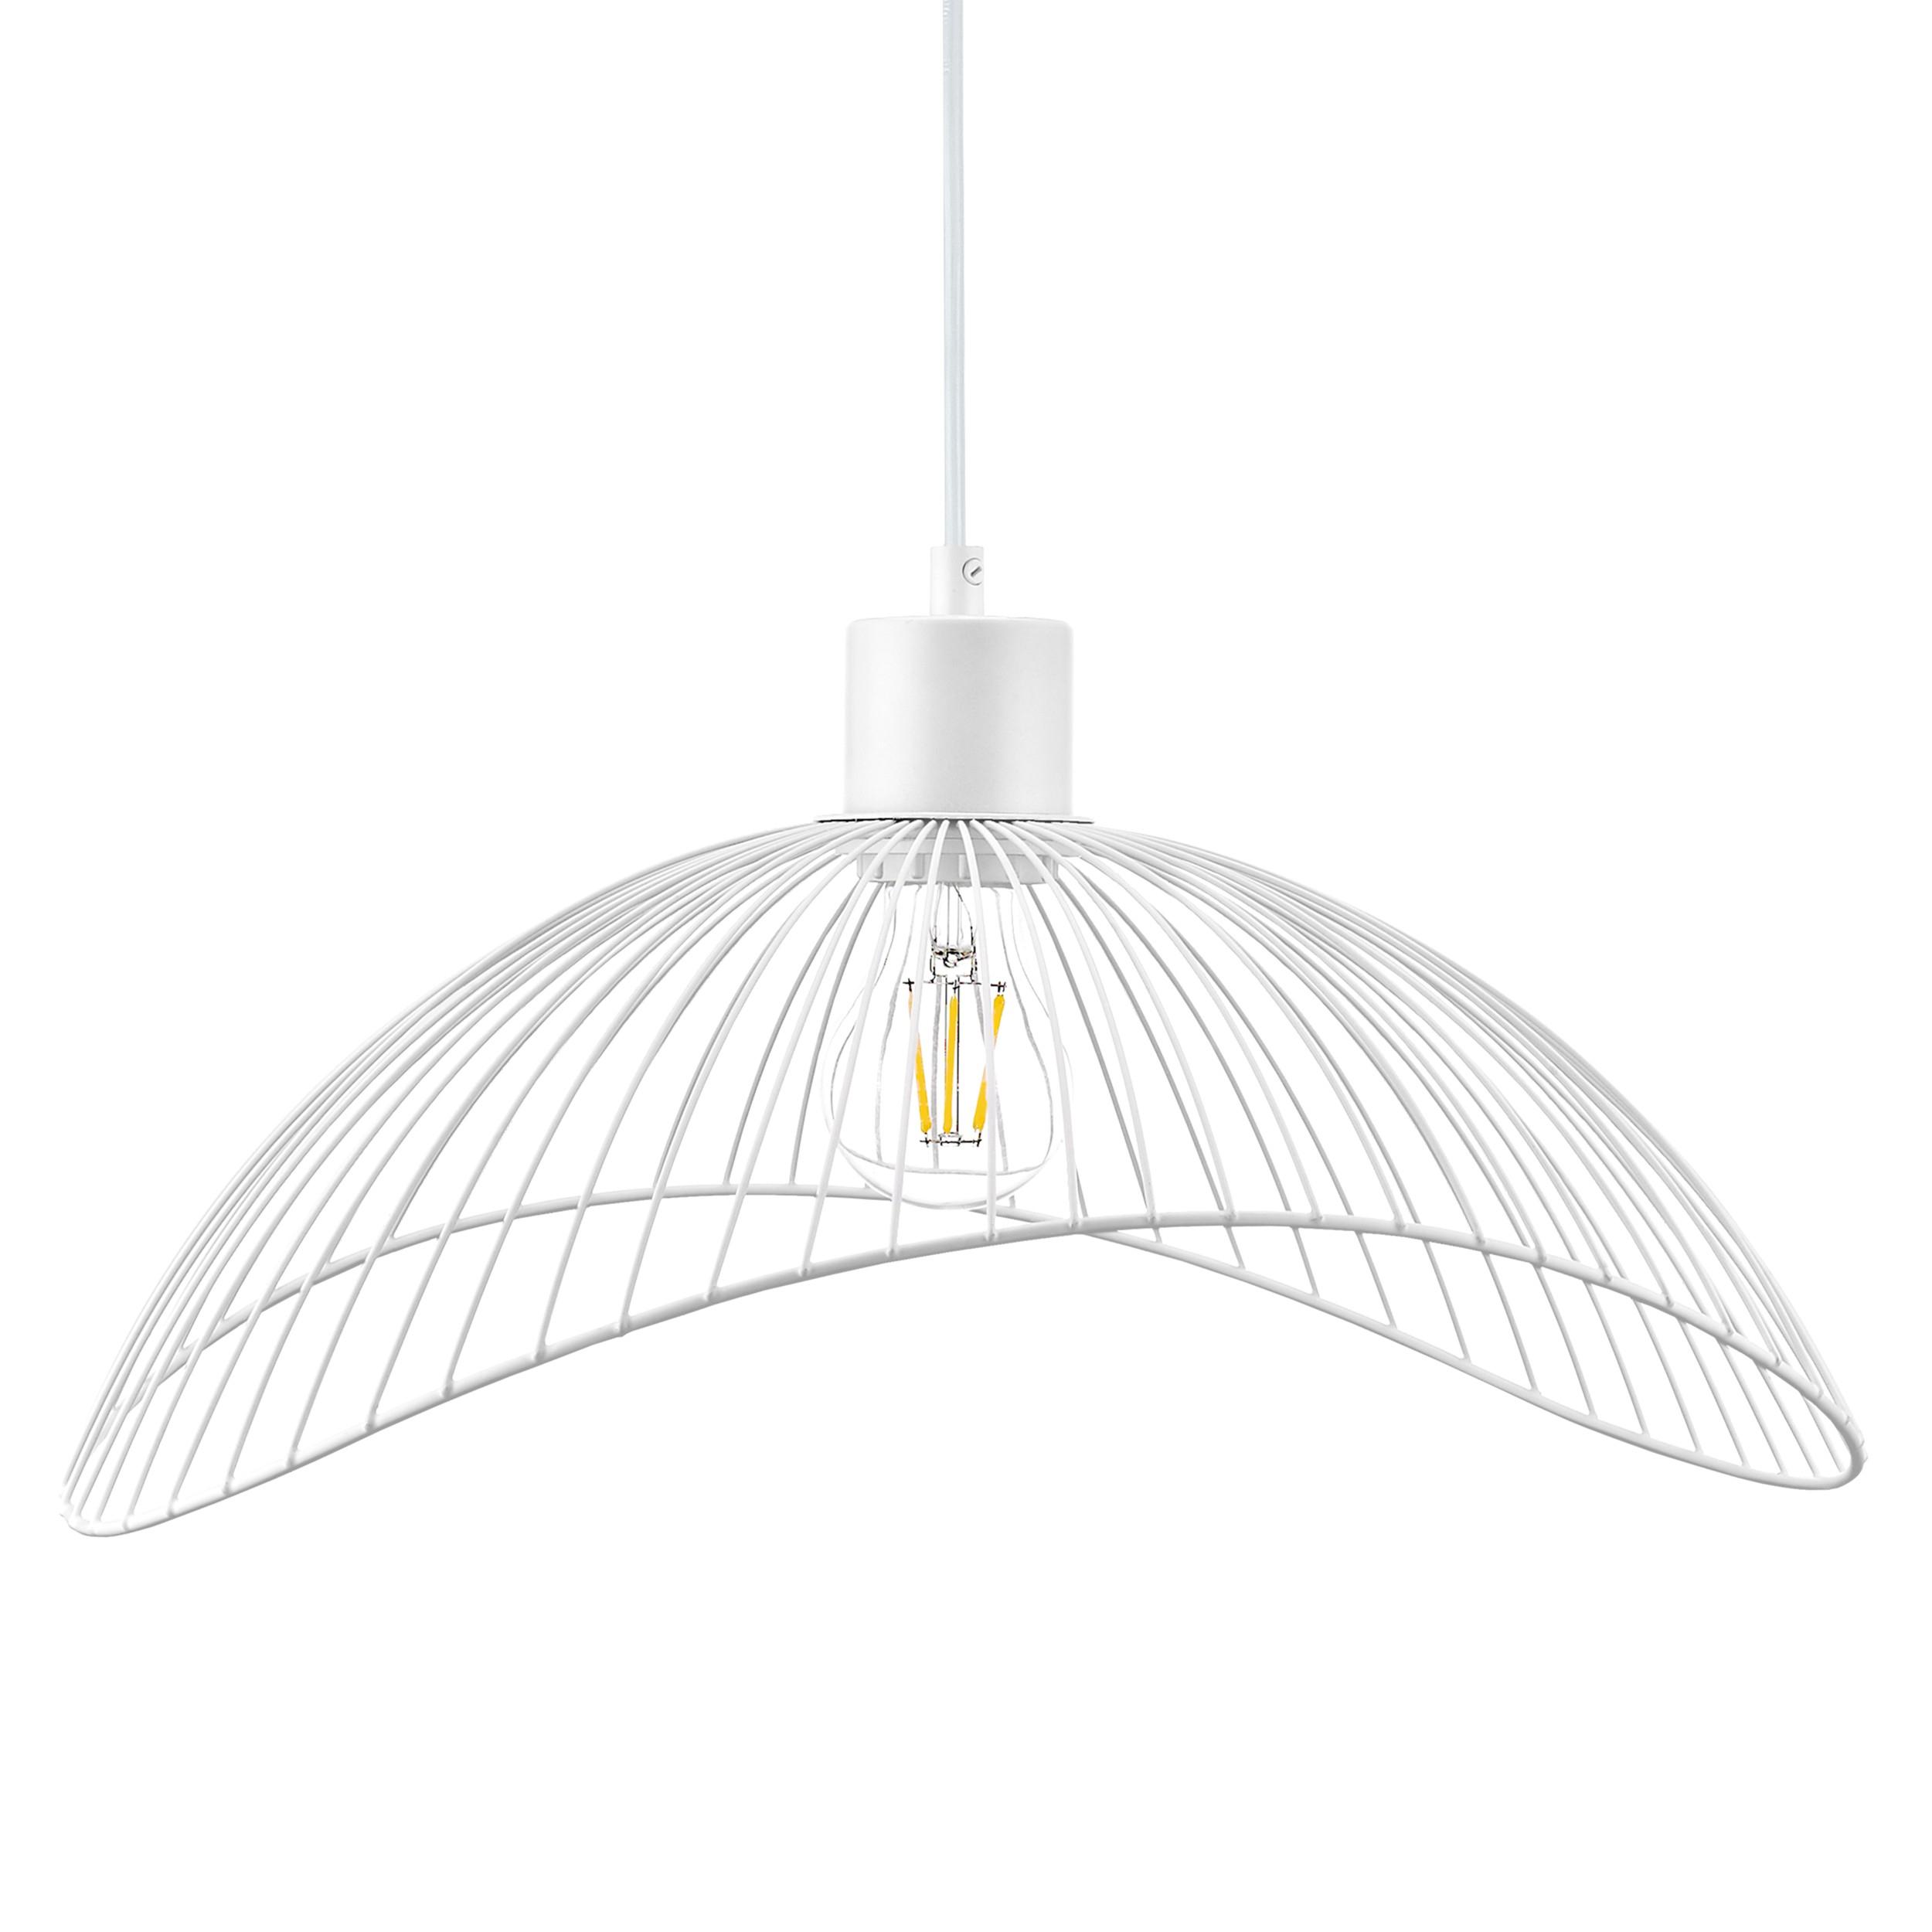 Lampa wisząca AJE-HOLLY 5 White 1xE27 40cm